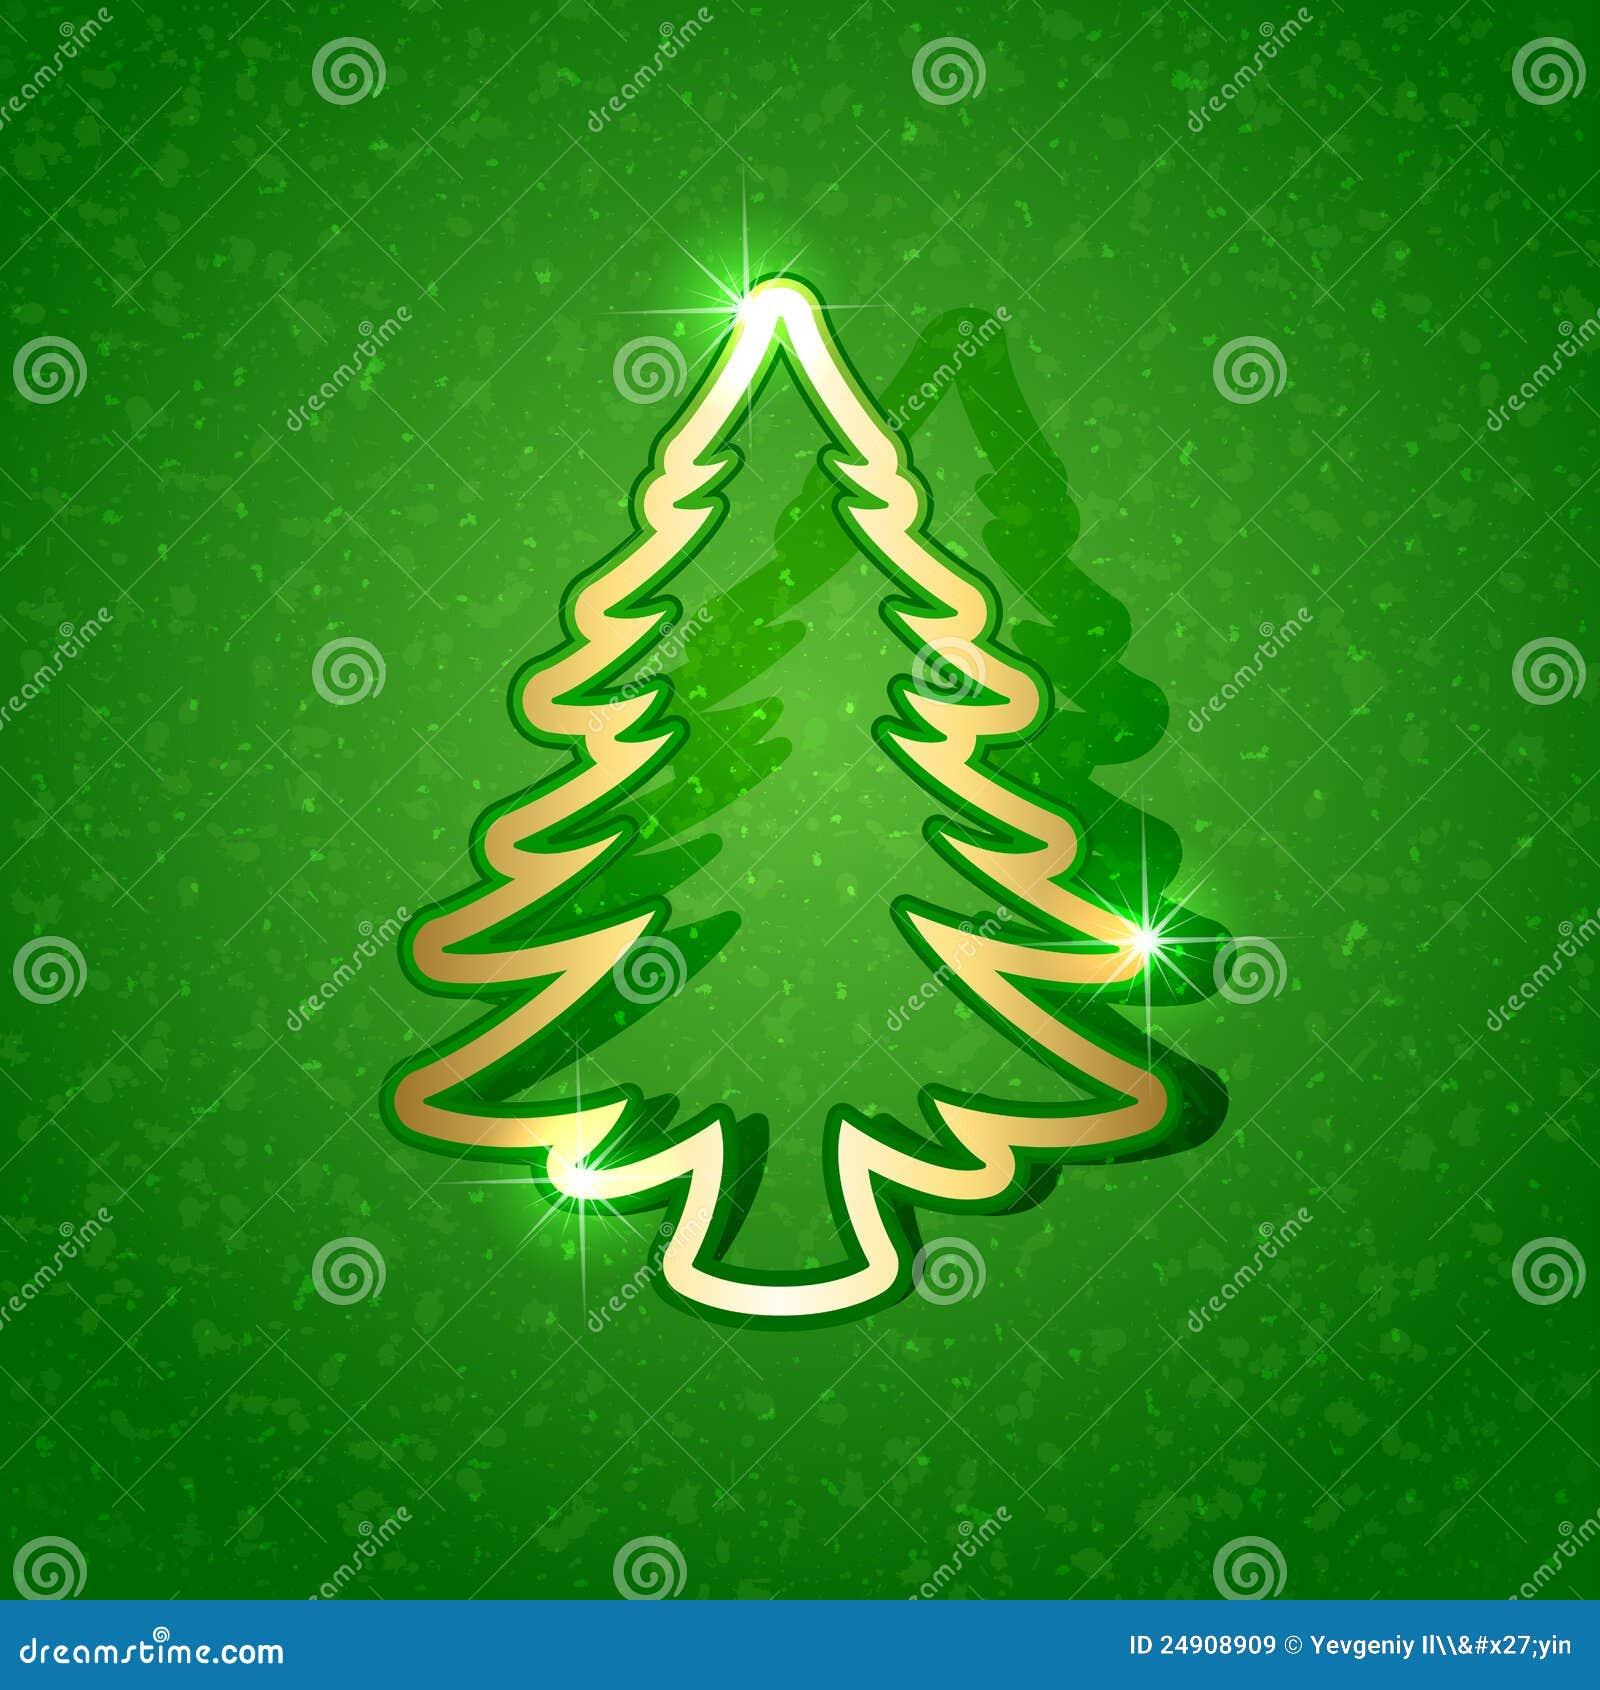 Rbol de navidad de papel en fondo verde im genes de for Arbol navidad verde